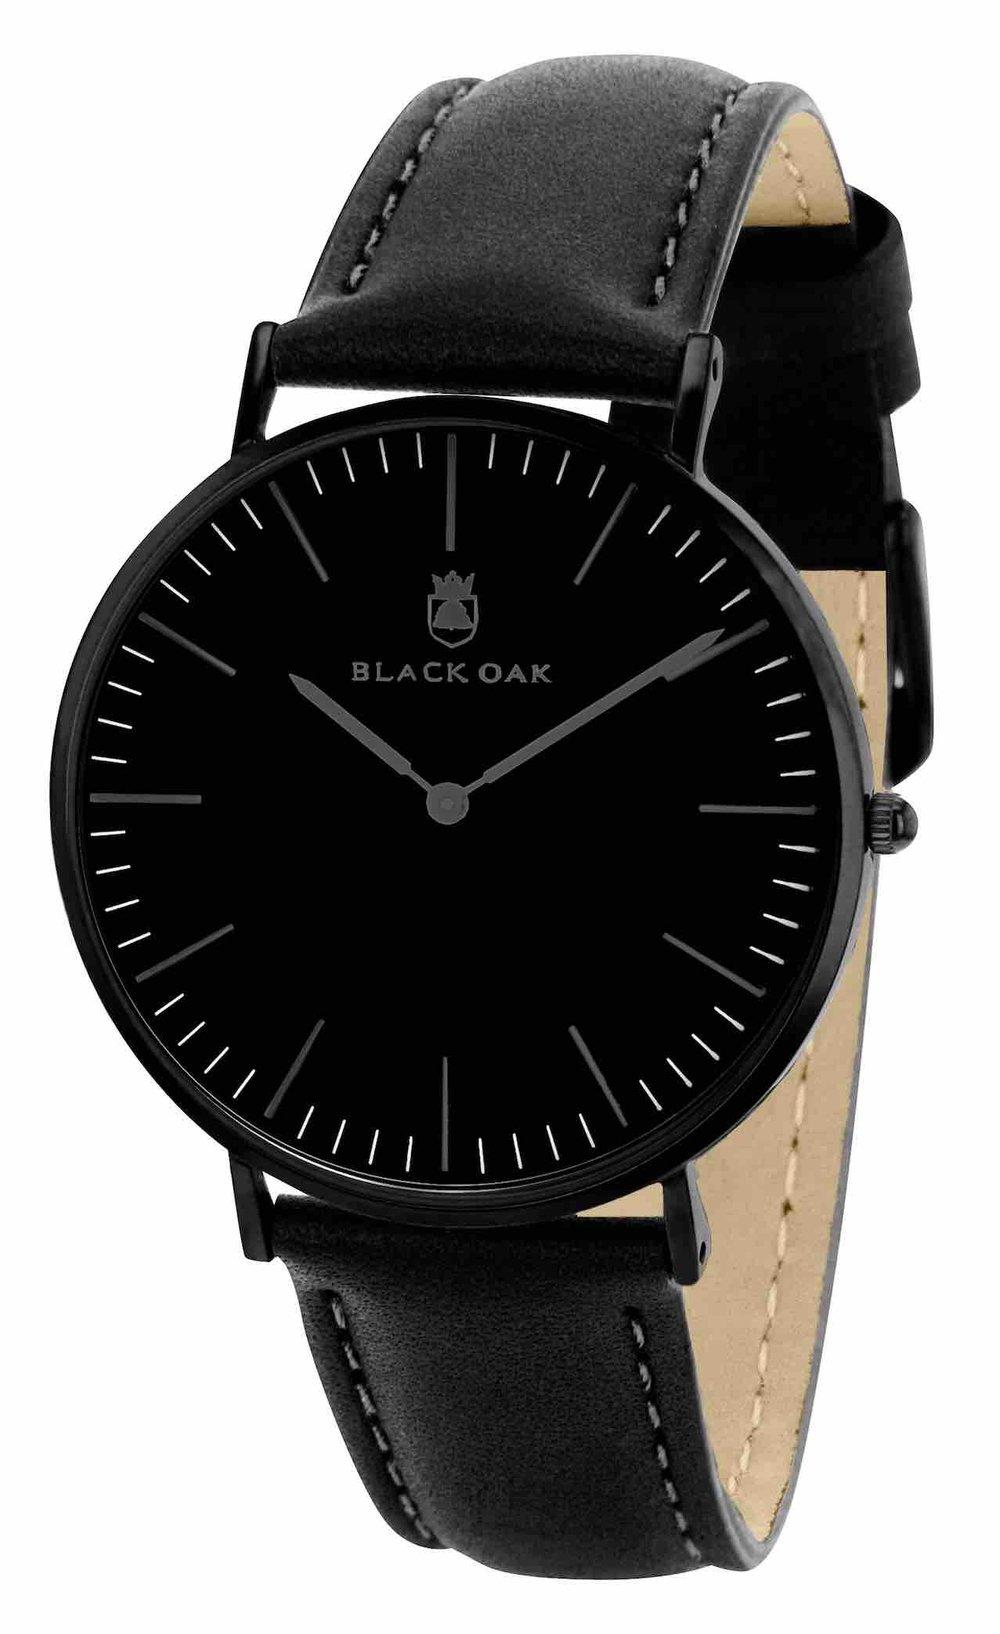 71d24d725e1aa Montre Homme Black Oak - Bracelet cuir tous noir   Montre Homme et ...